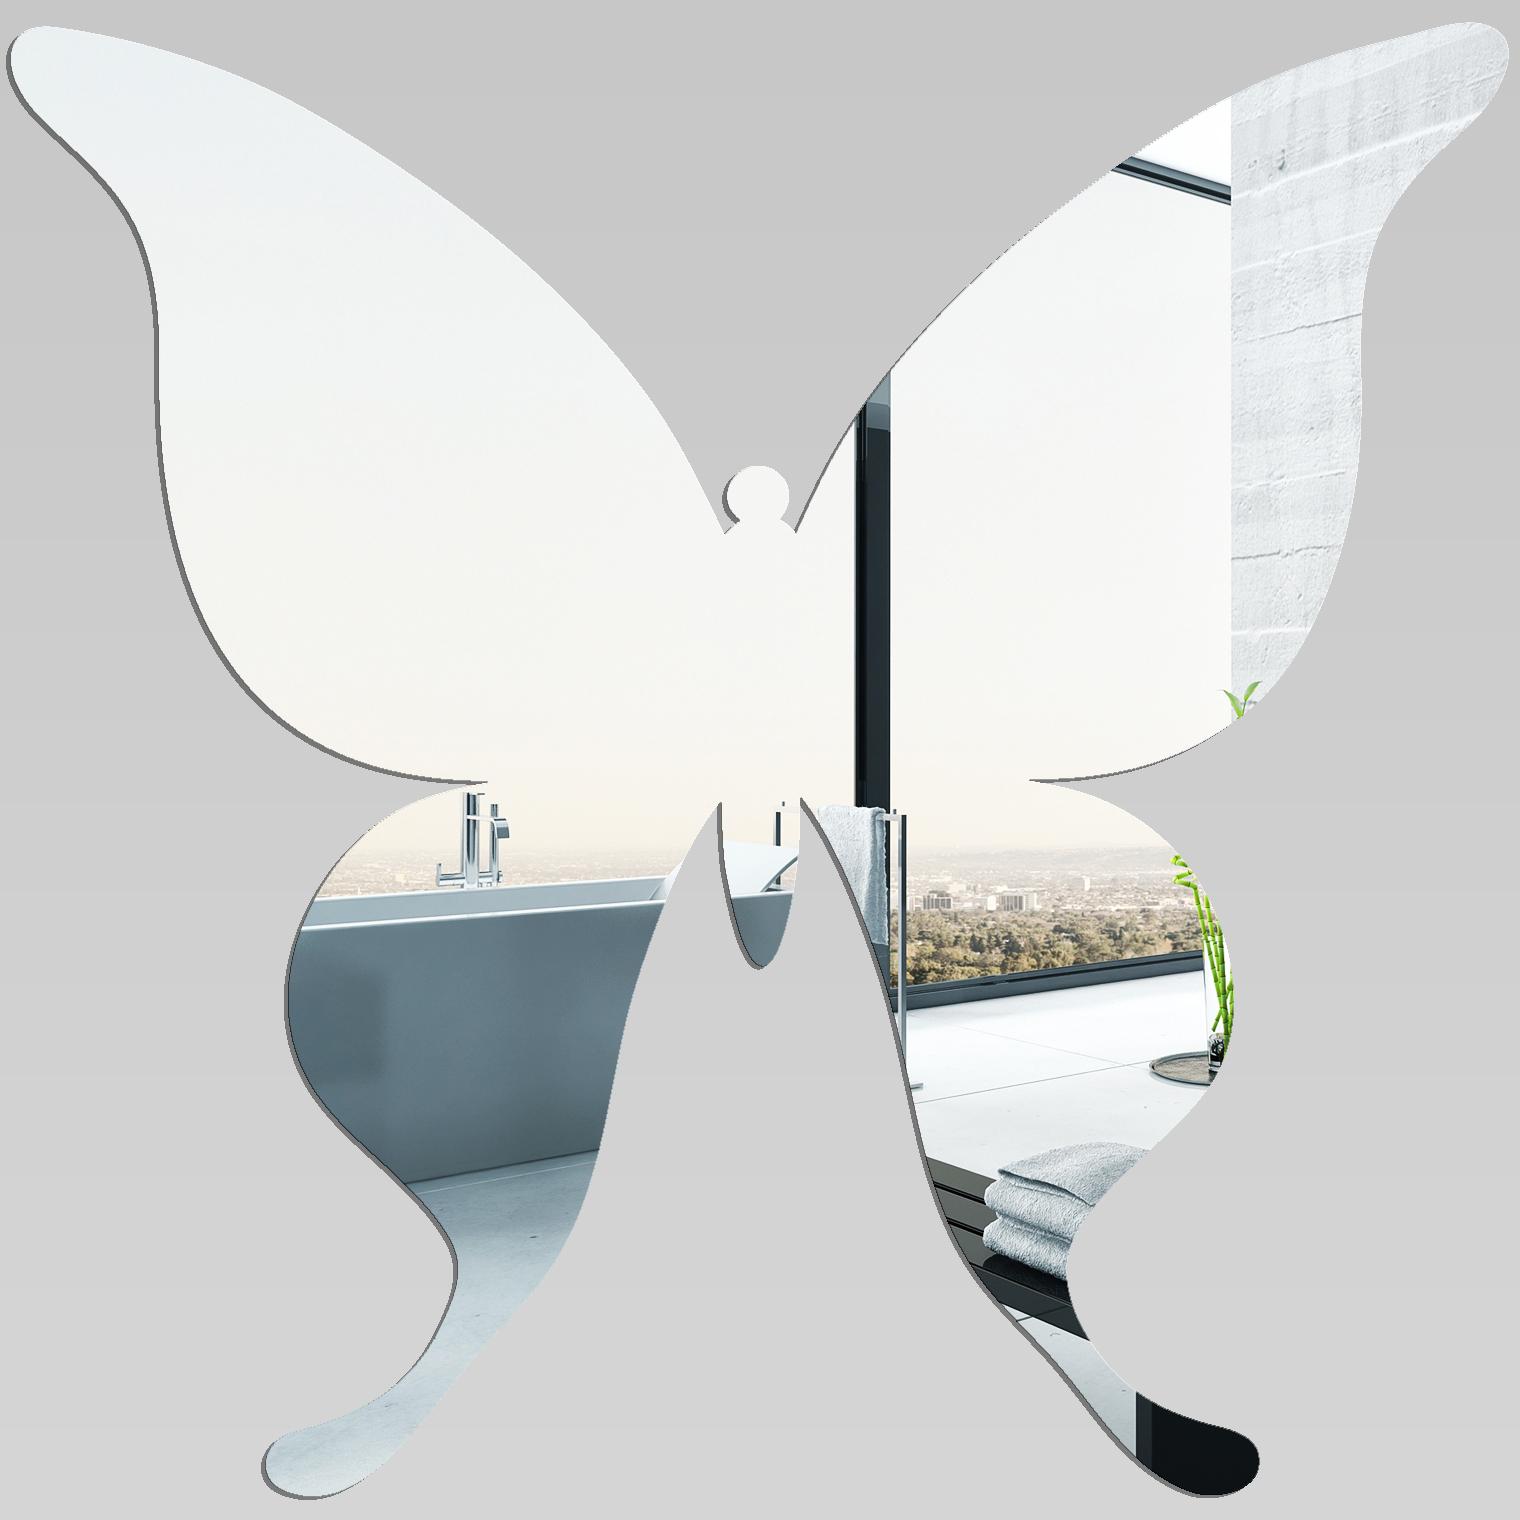 Adesivi follia specchio acrilico plexiglass farfalle - Plexiglass a specchio ...